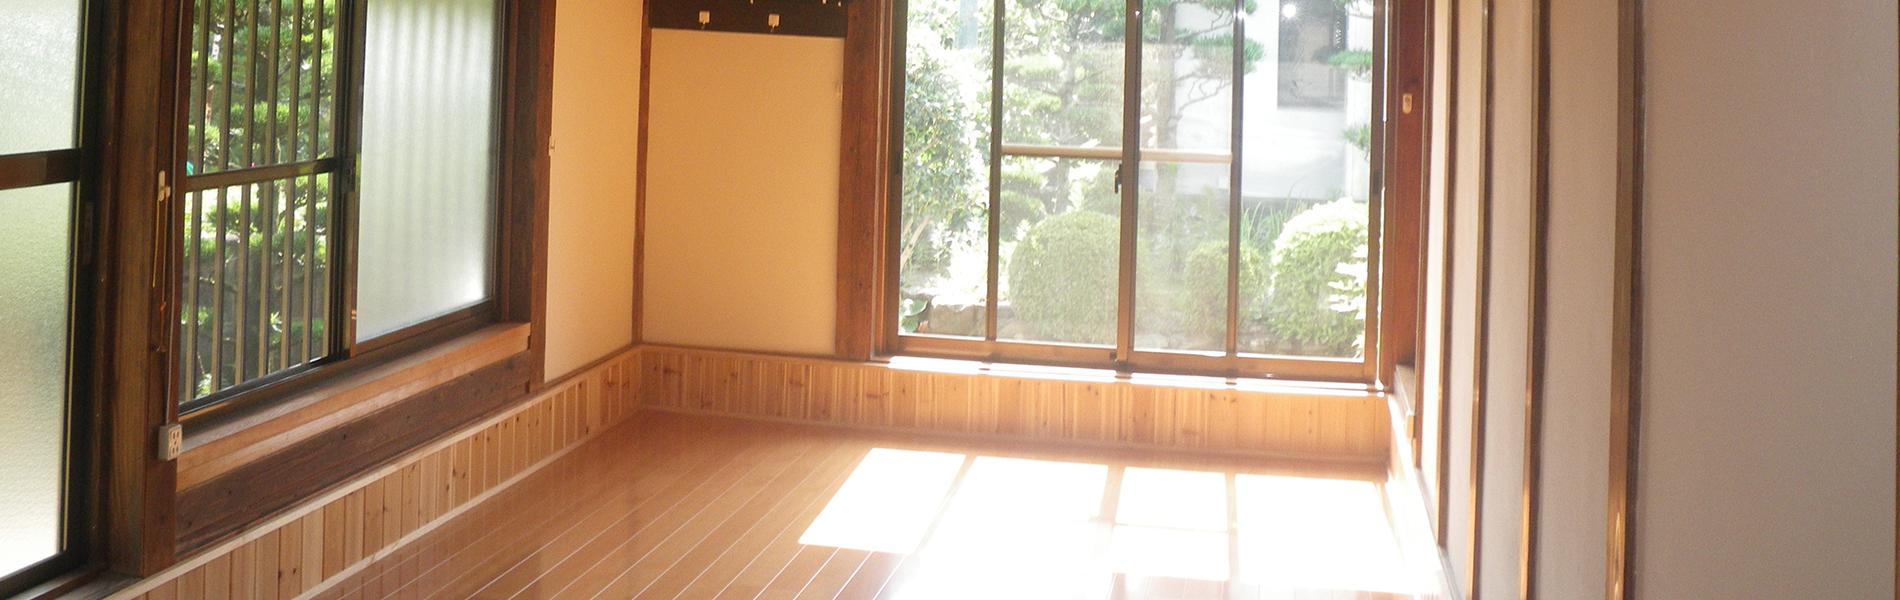 木のぬくもりを大切に 住まいの新築・リフォーム